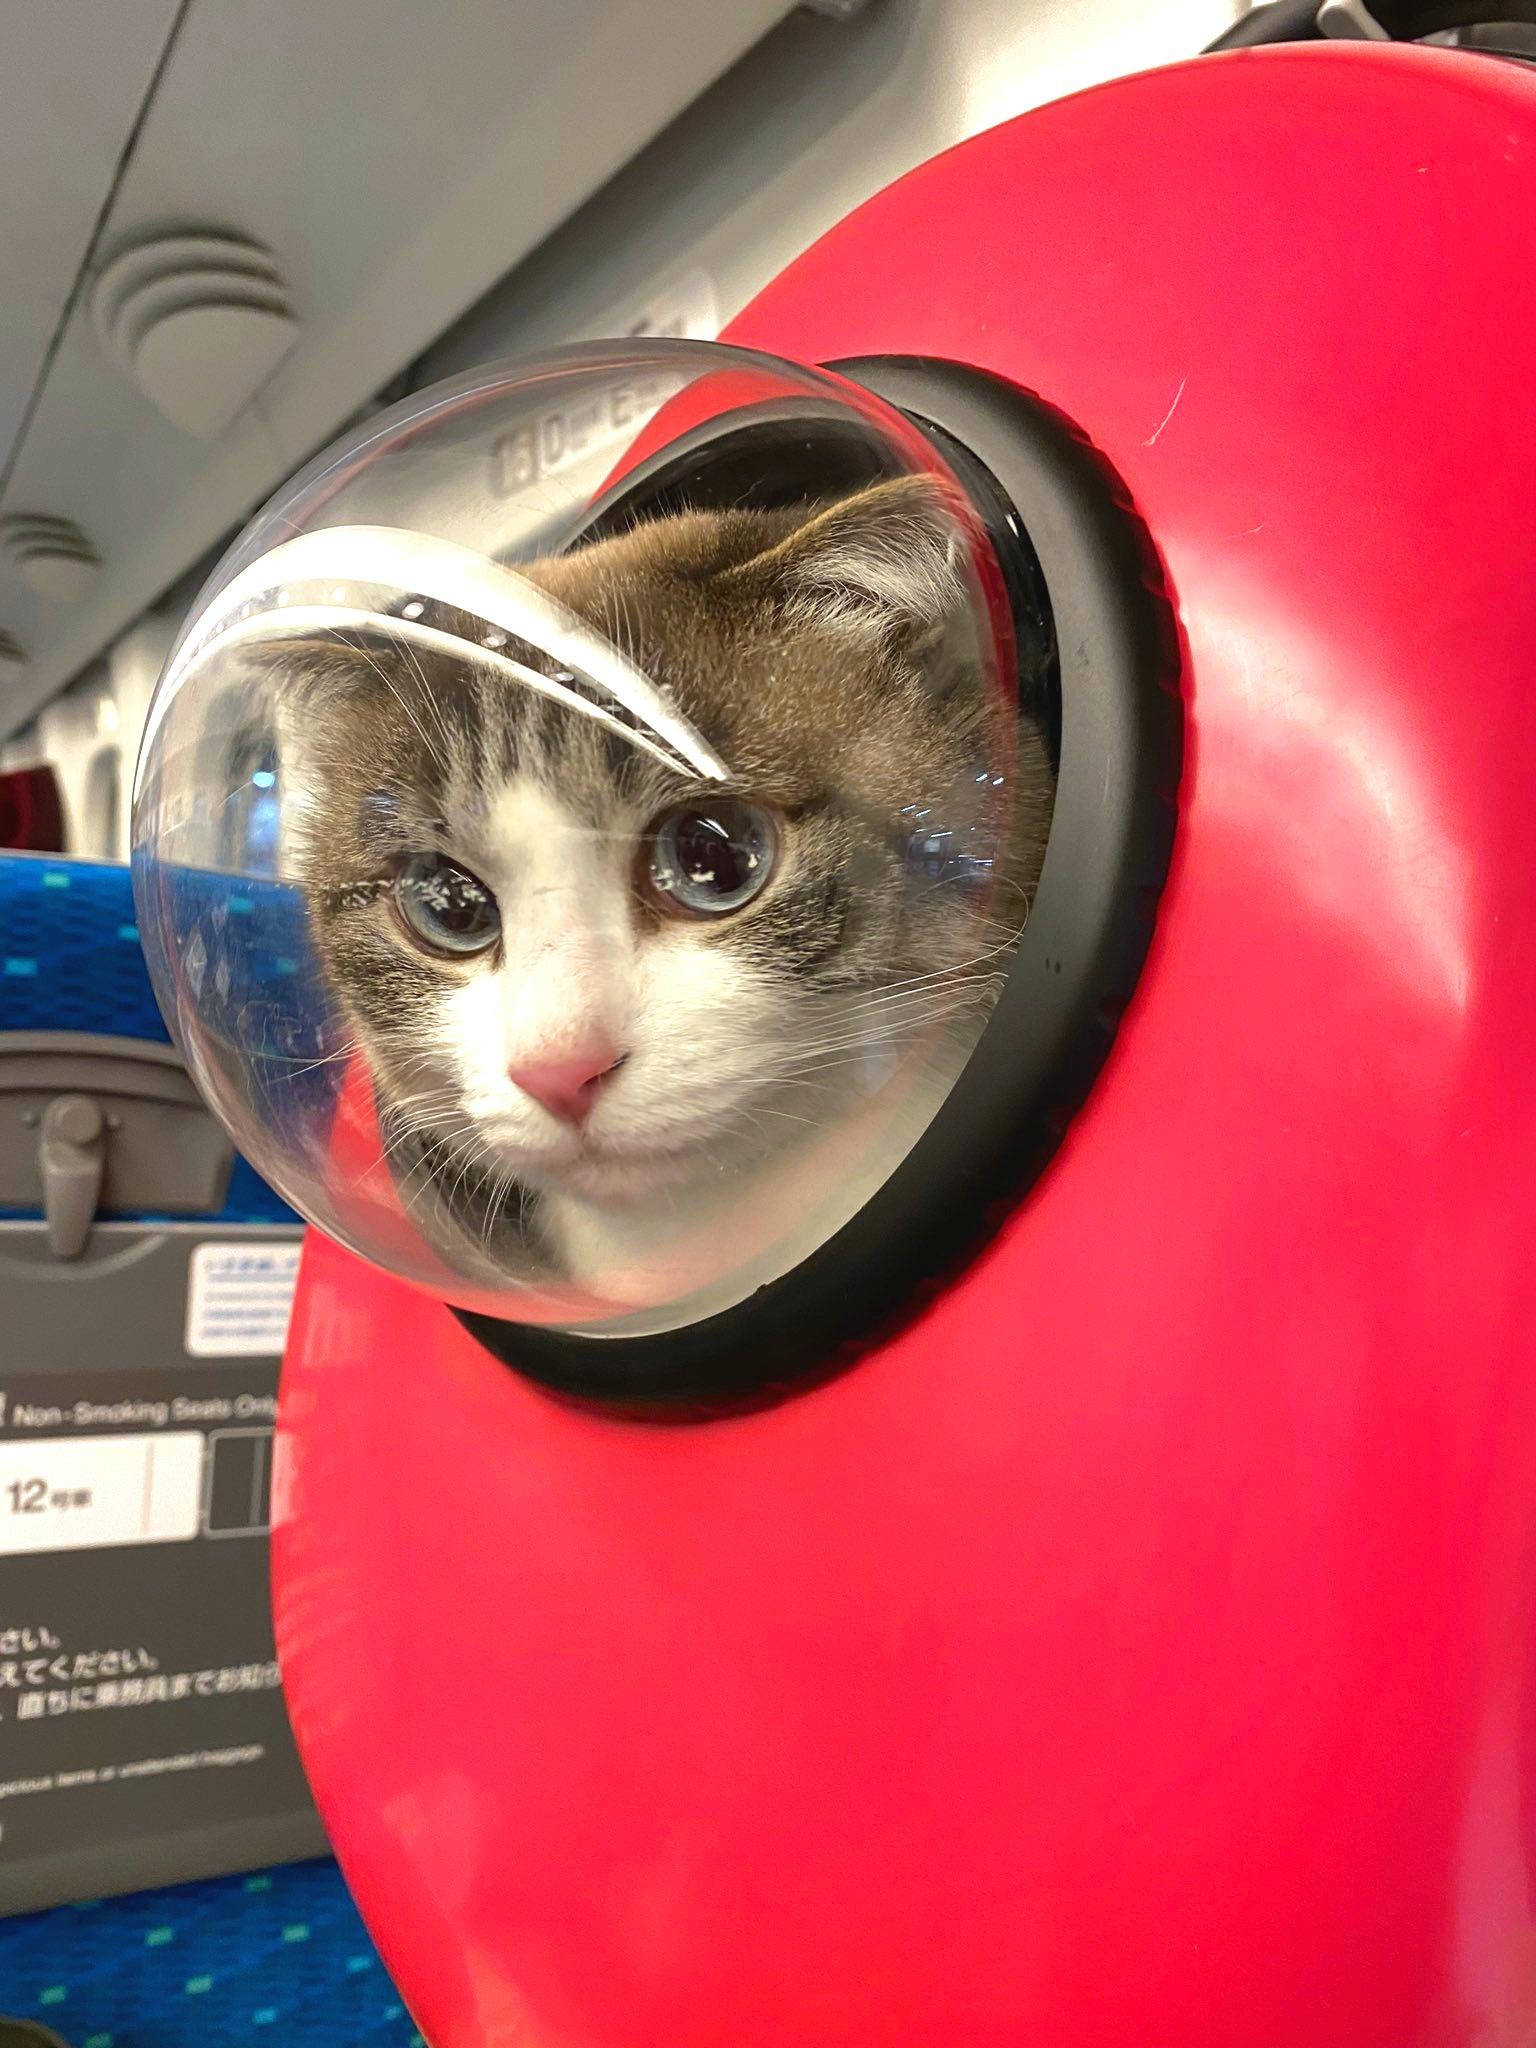 """""""ねこかぶり""""中の「わさび」ちゃん。ペットリュックの小窓から「見知らぬ人」にアイコンタクト【写真提供:猫のわさび(@wasabi_1212)さん】"""